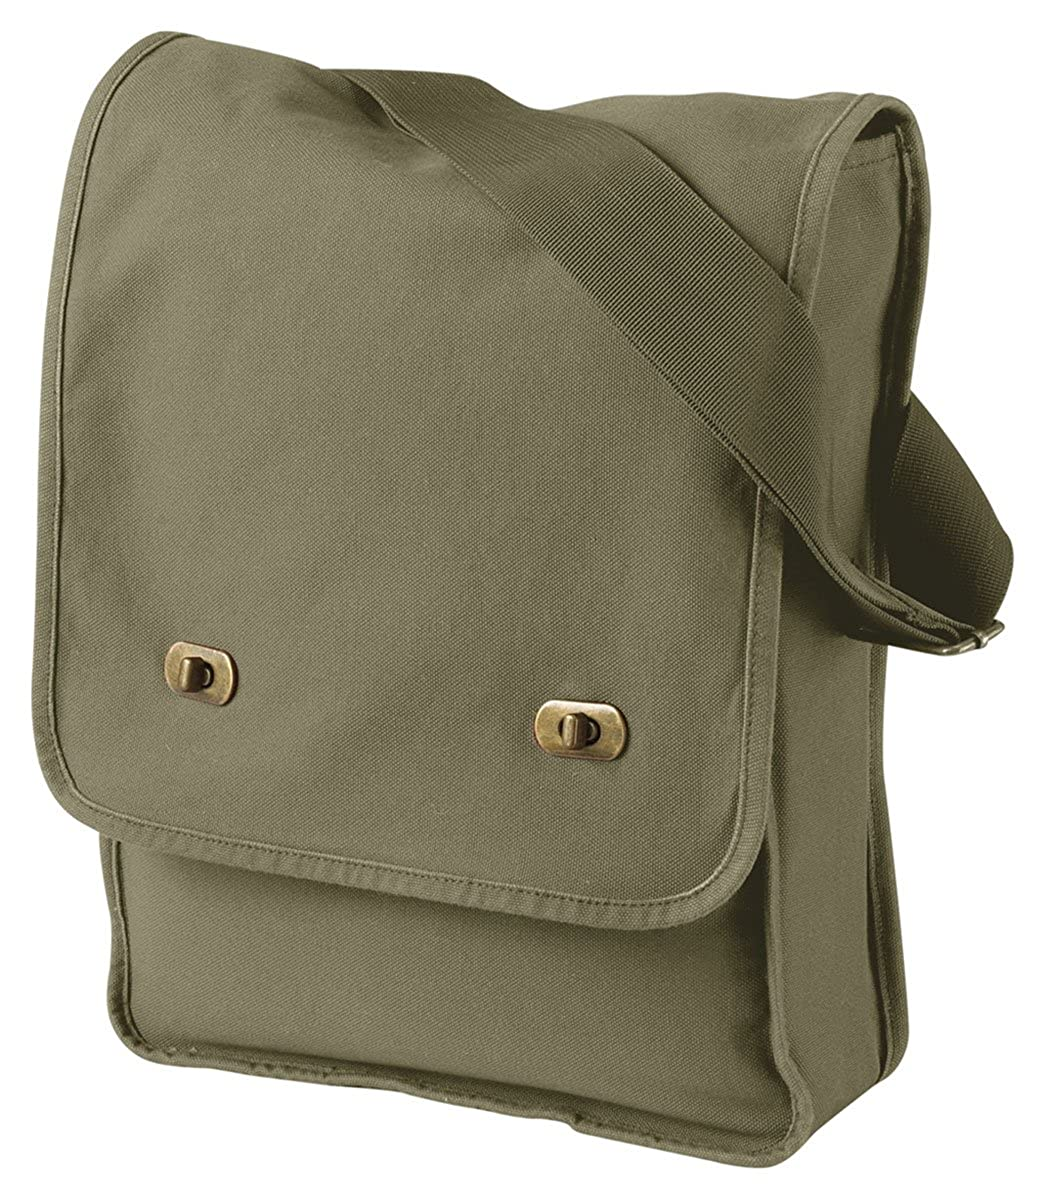 Authentic Pigment 14 oz Pigment-Dyed Canvas Field Bag